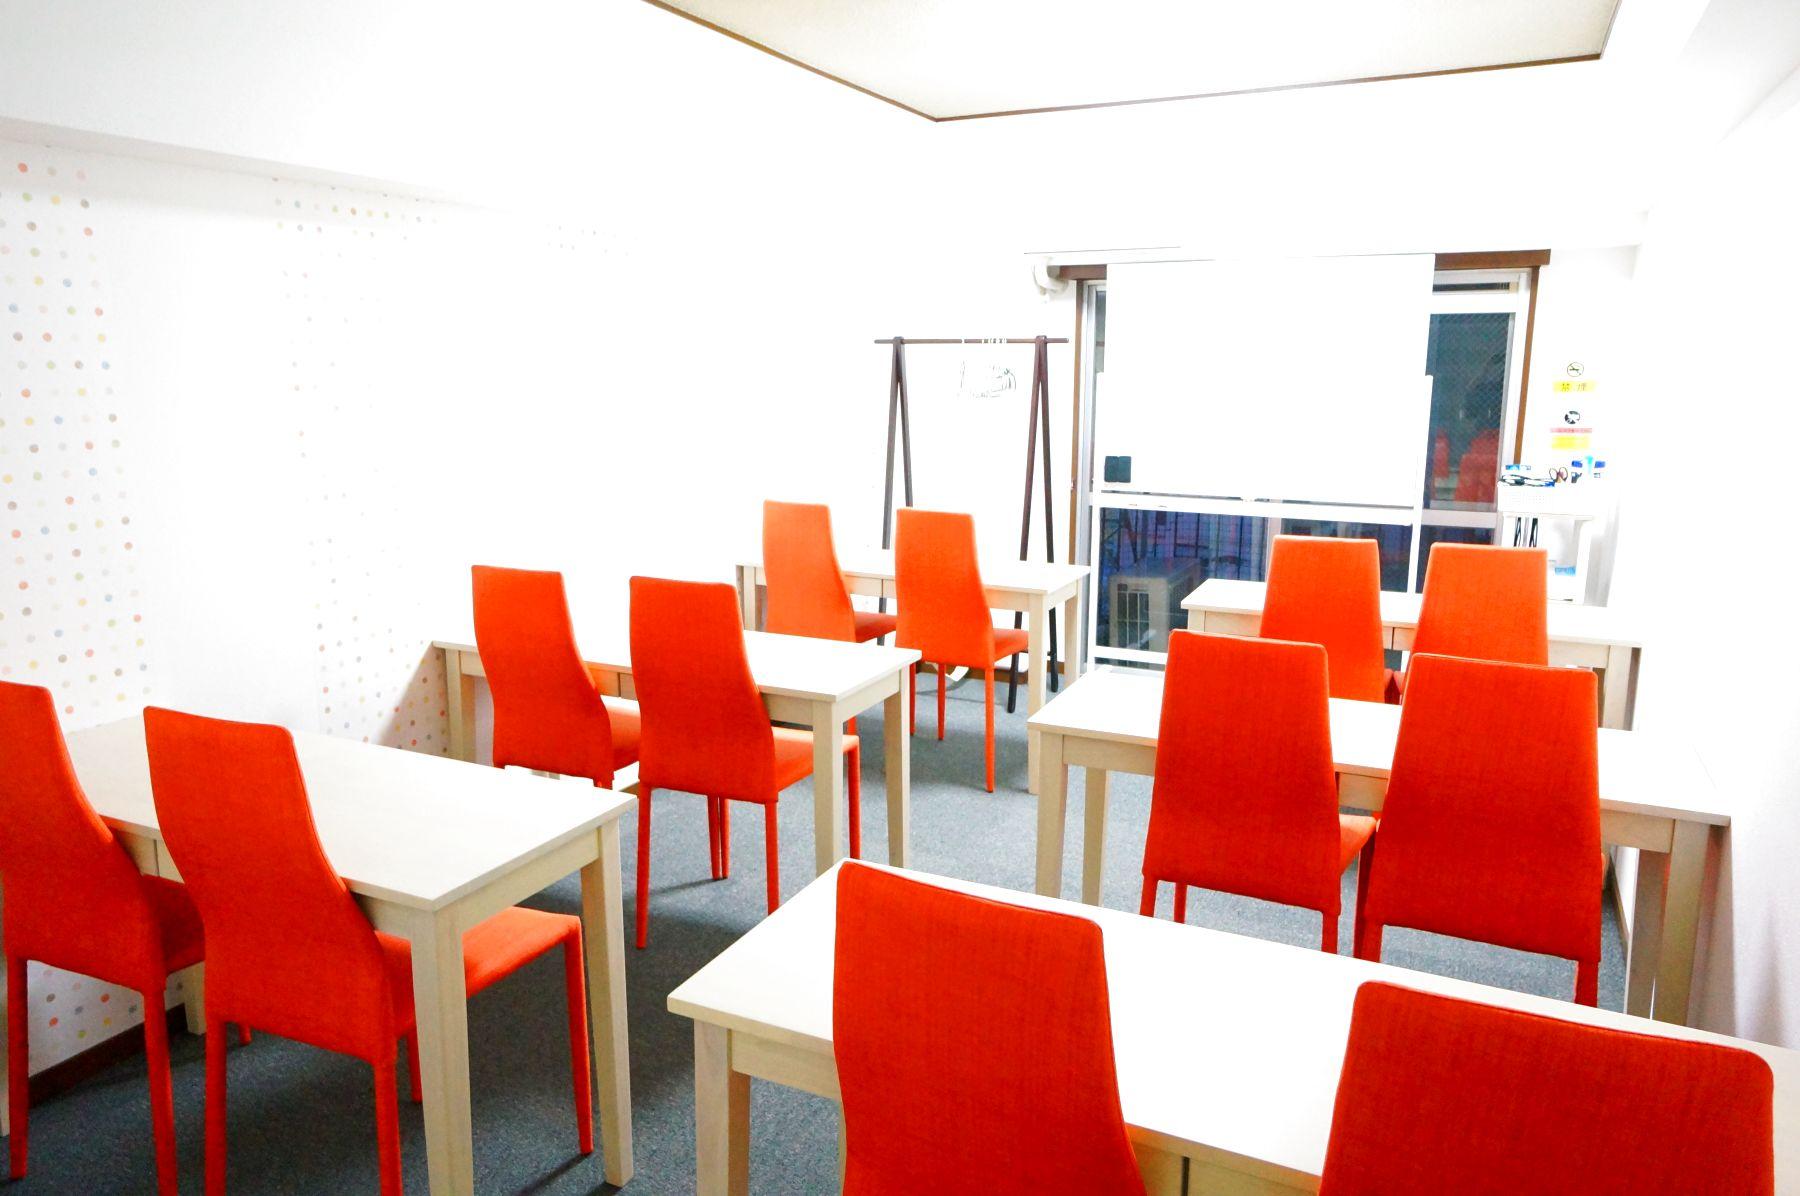 【ソレイユ会議室】 セール中★プロジェクタ無料会議室の室内の写真